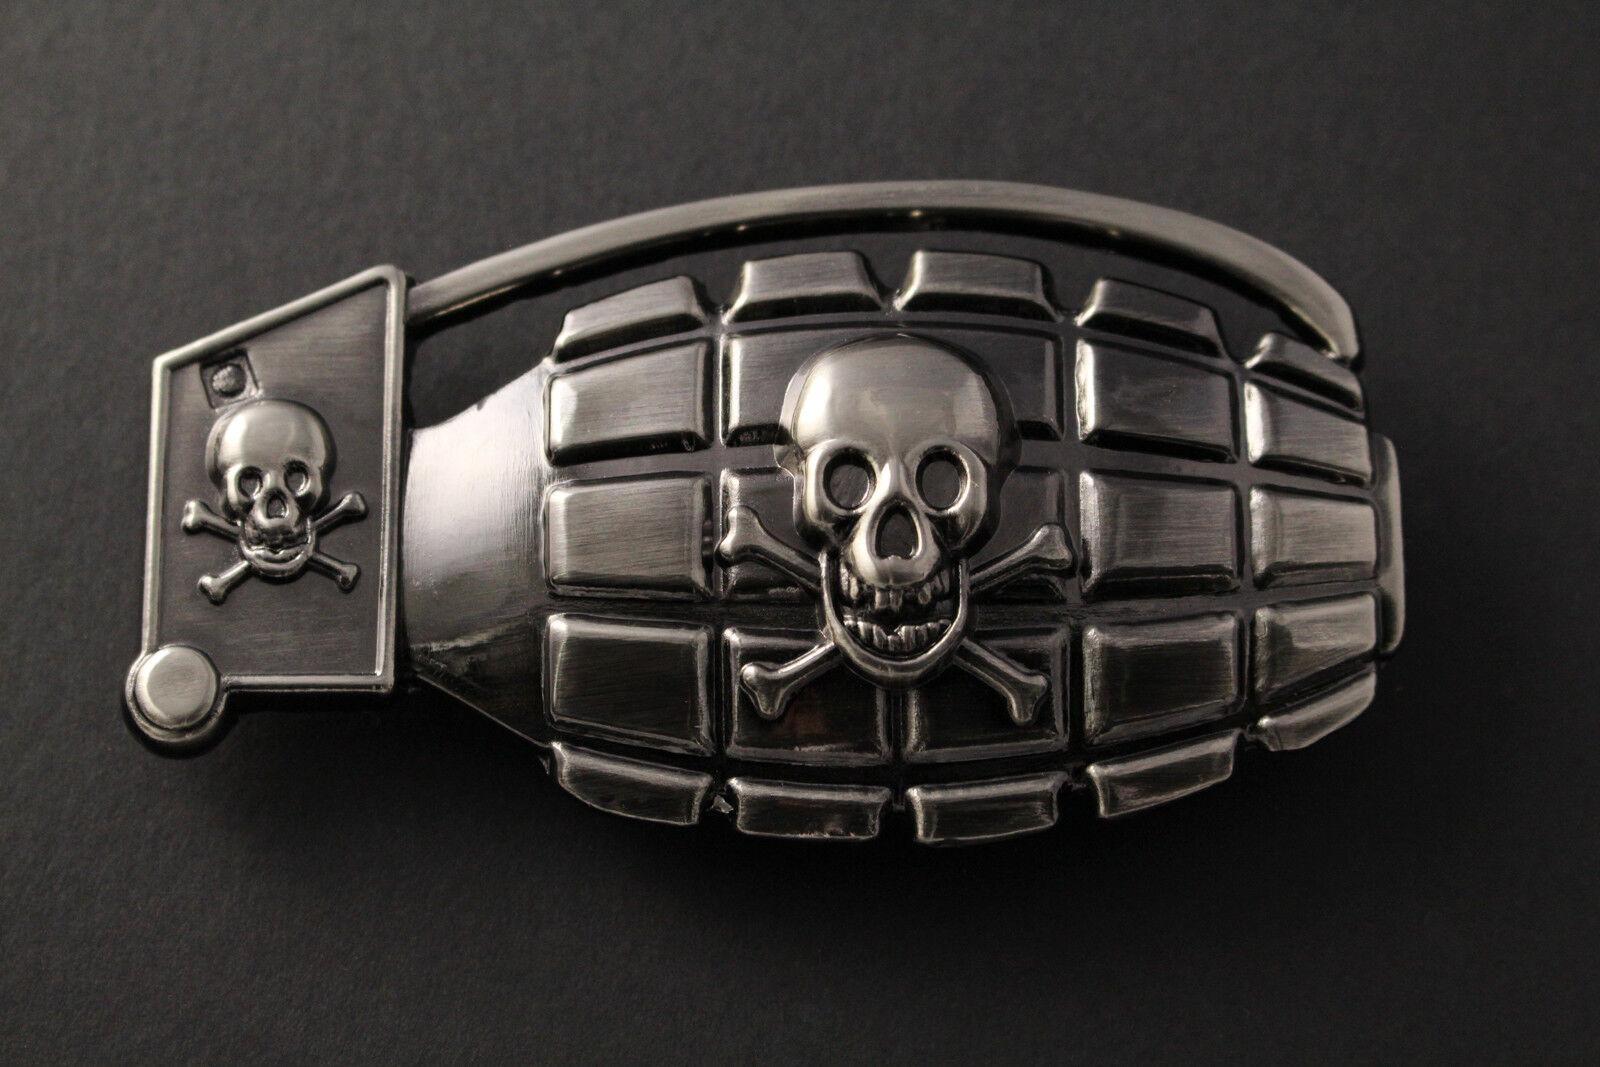 LARGE GUN METAL GRENADE WITH SKULL & CROSSED BONES BELT BUCKLE METAL